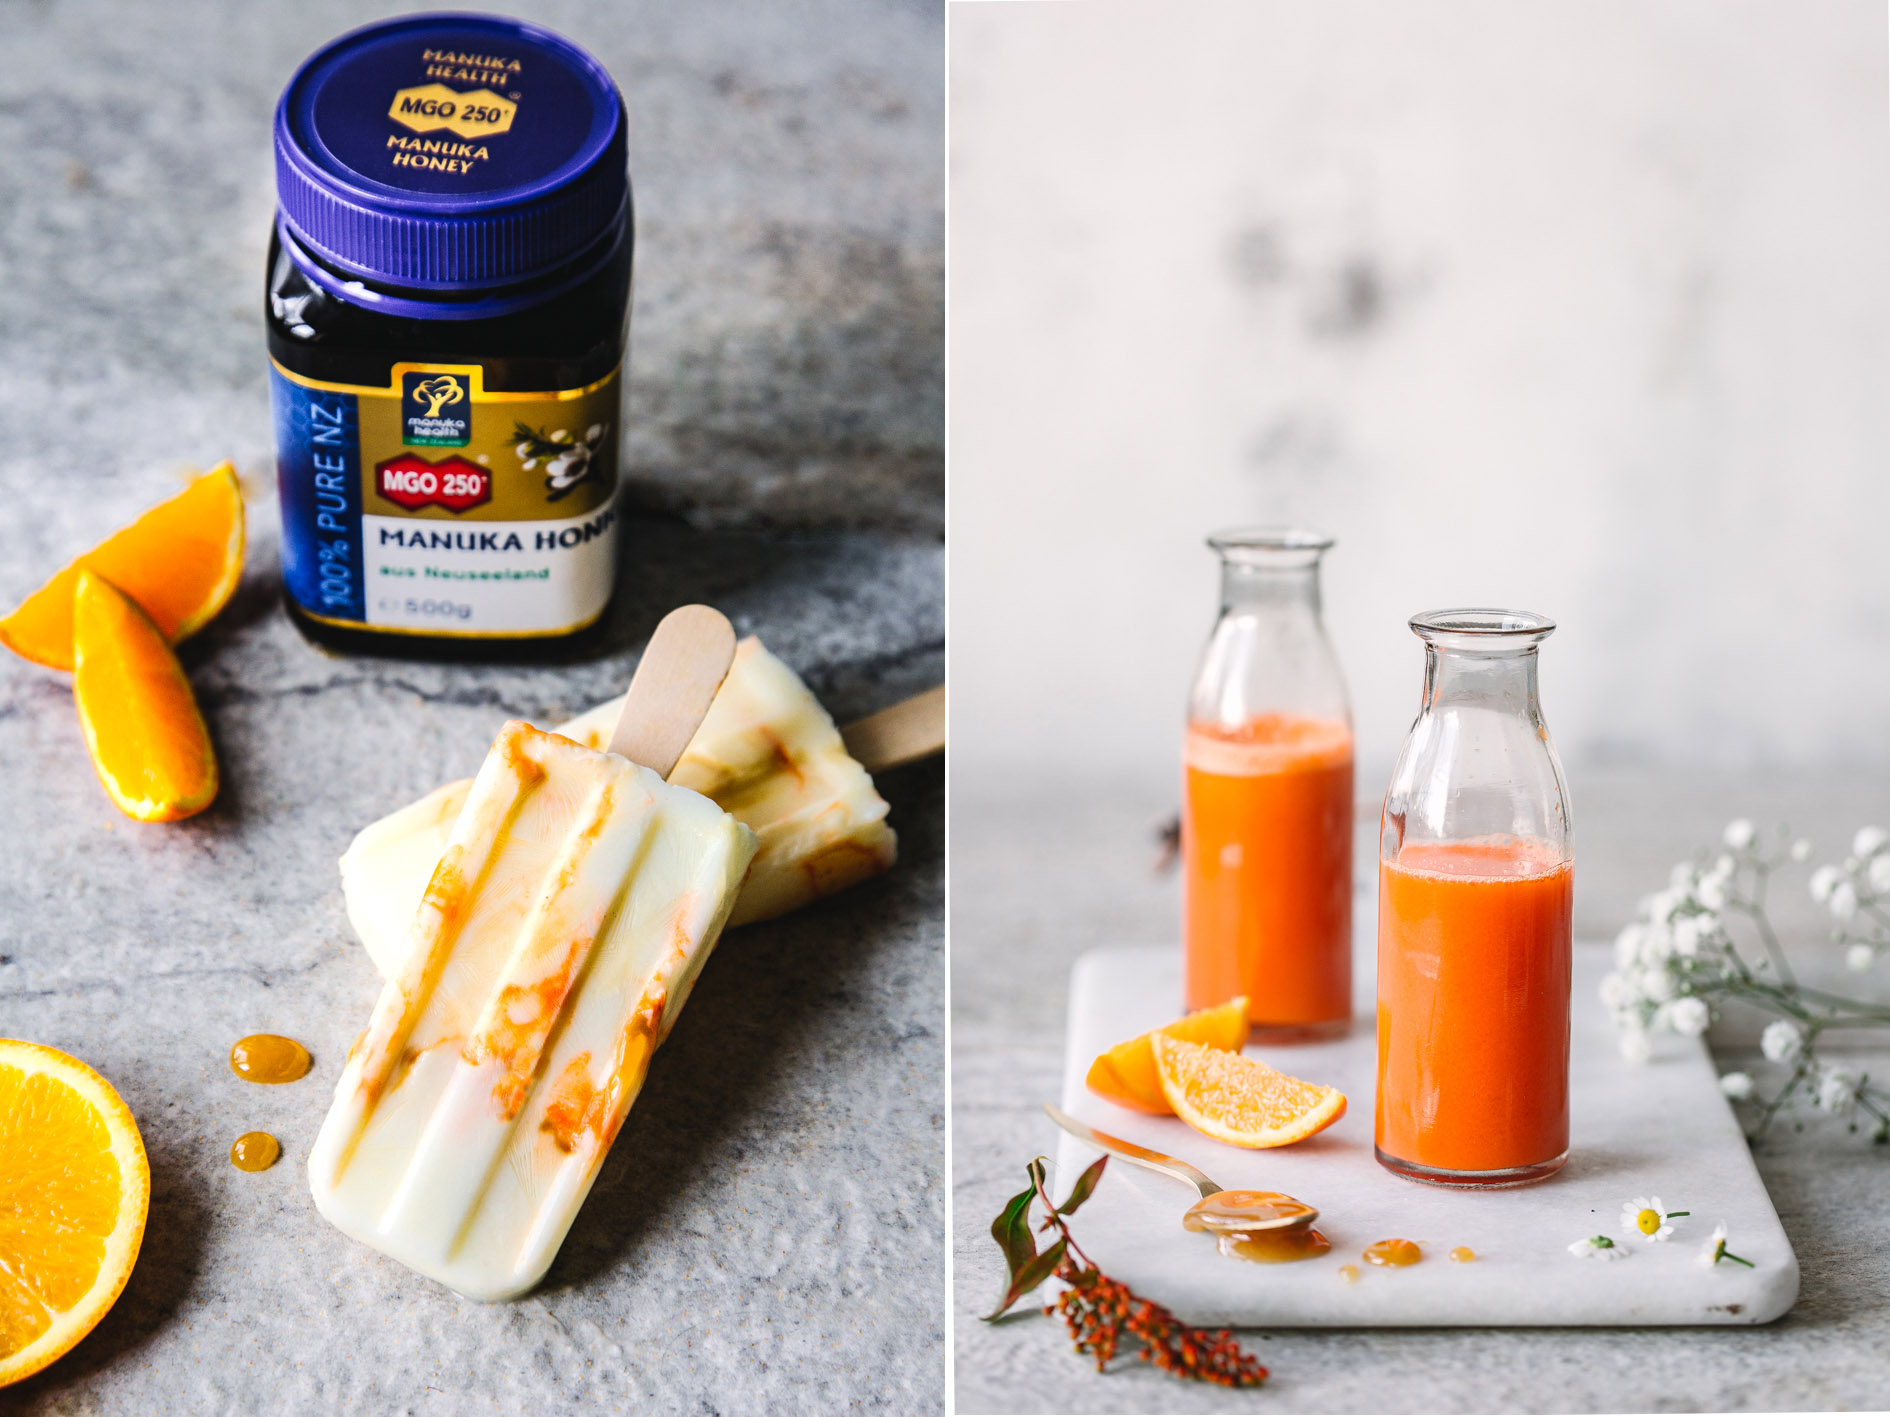 Süßkartoffel-Möhren-Saft mit Manuka Honig